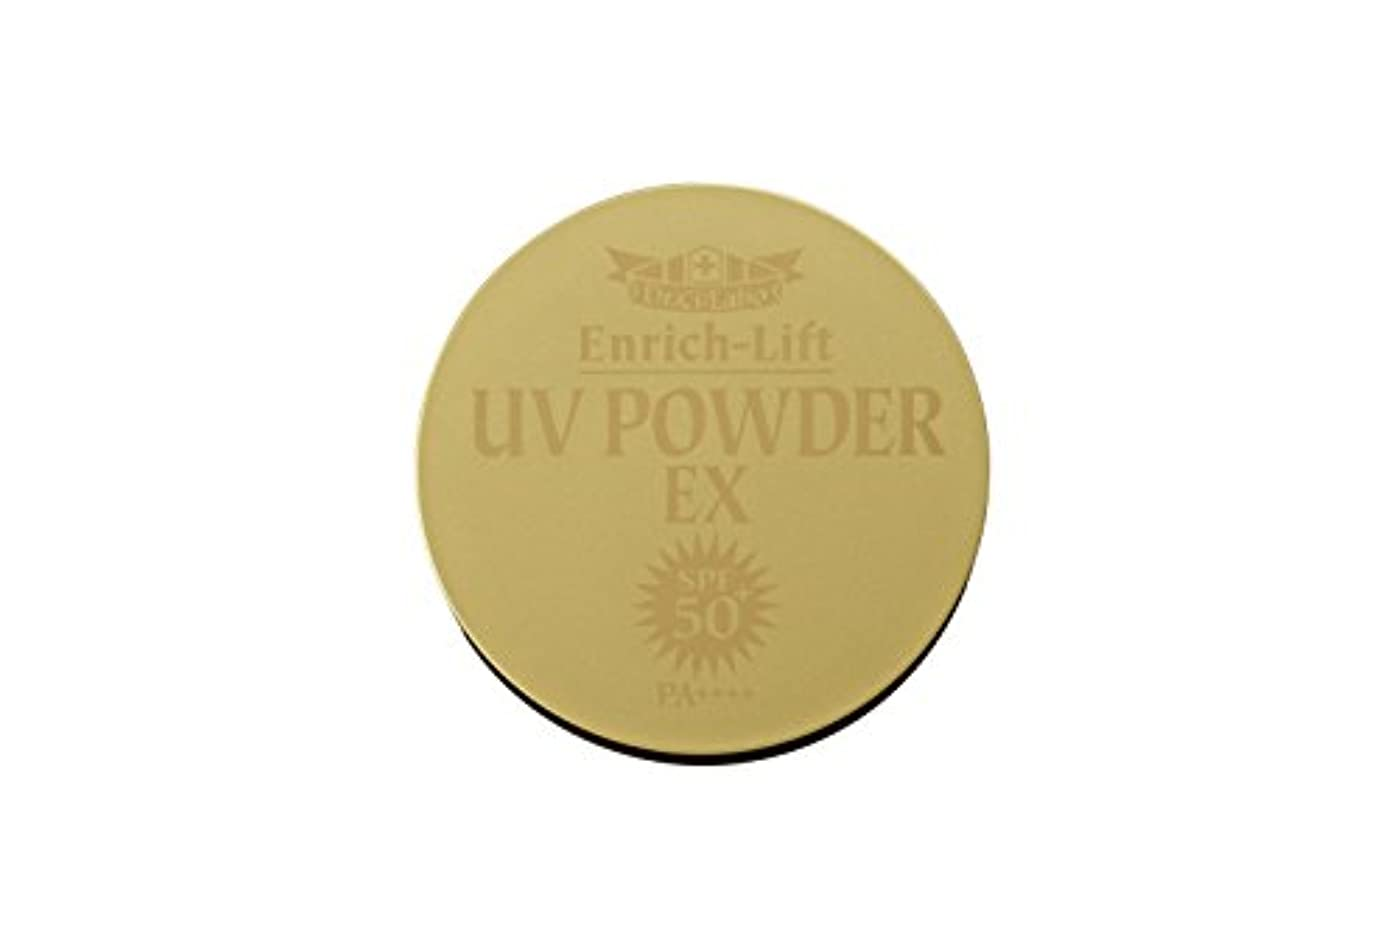 肺炎条件付きジャンプドクターシーラボ エンリッチリフト UVパウダー EX50+ 日焼け止め ルーセントパウダー